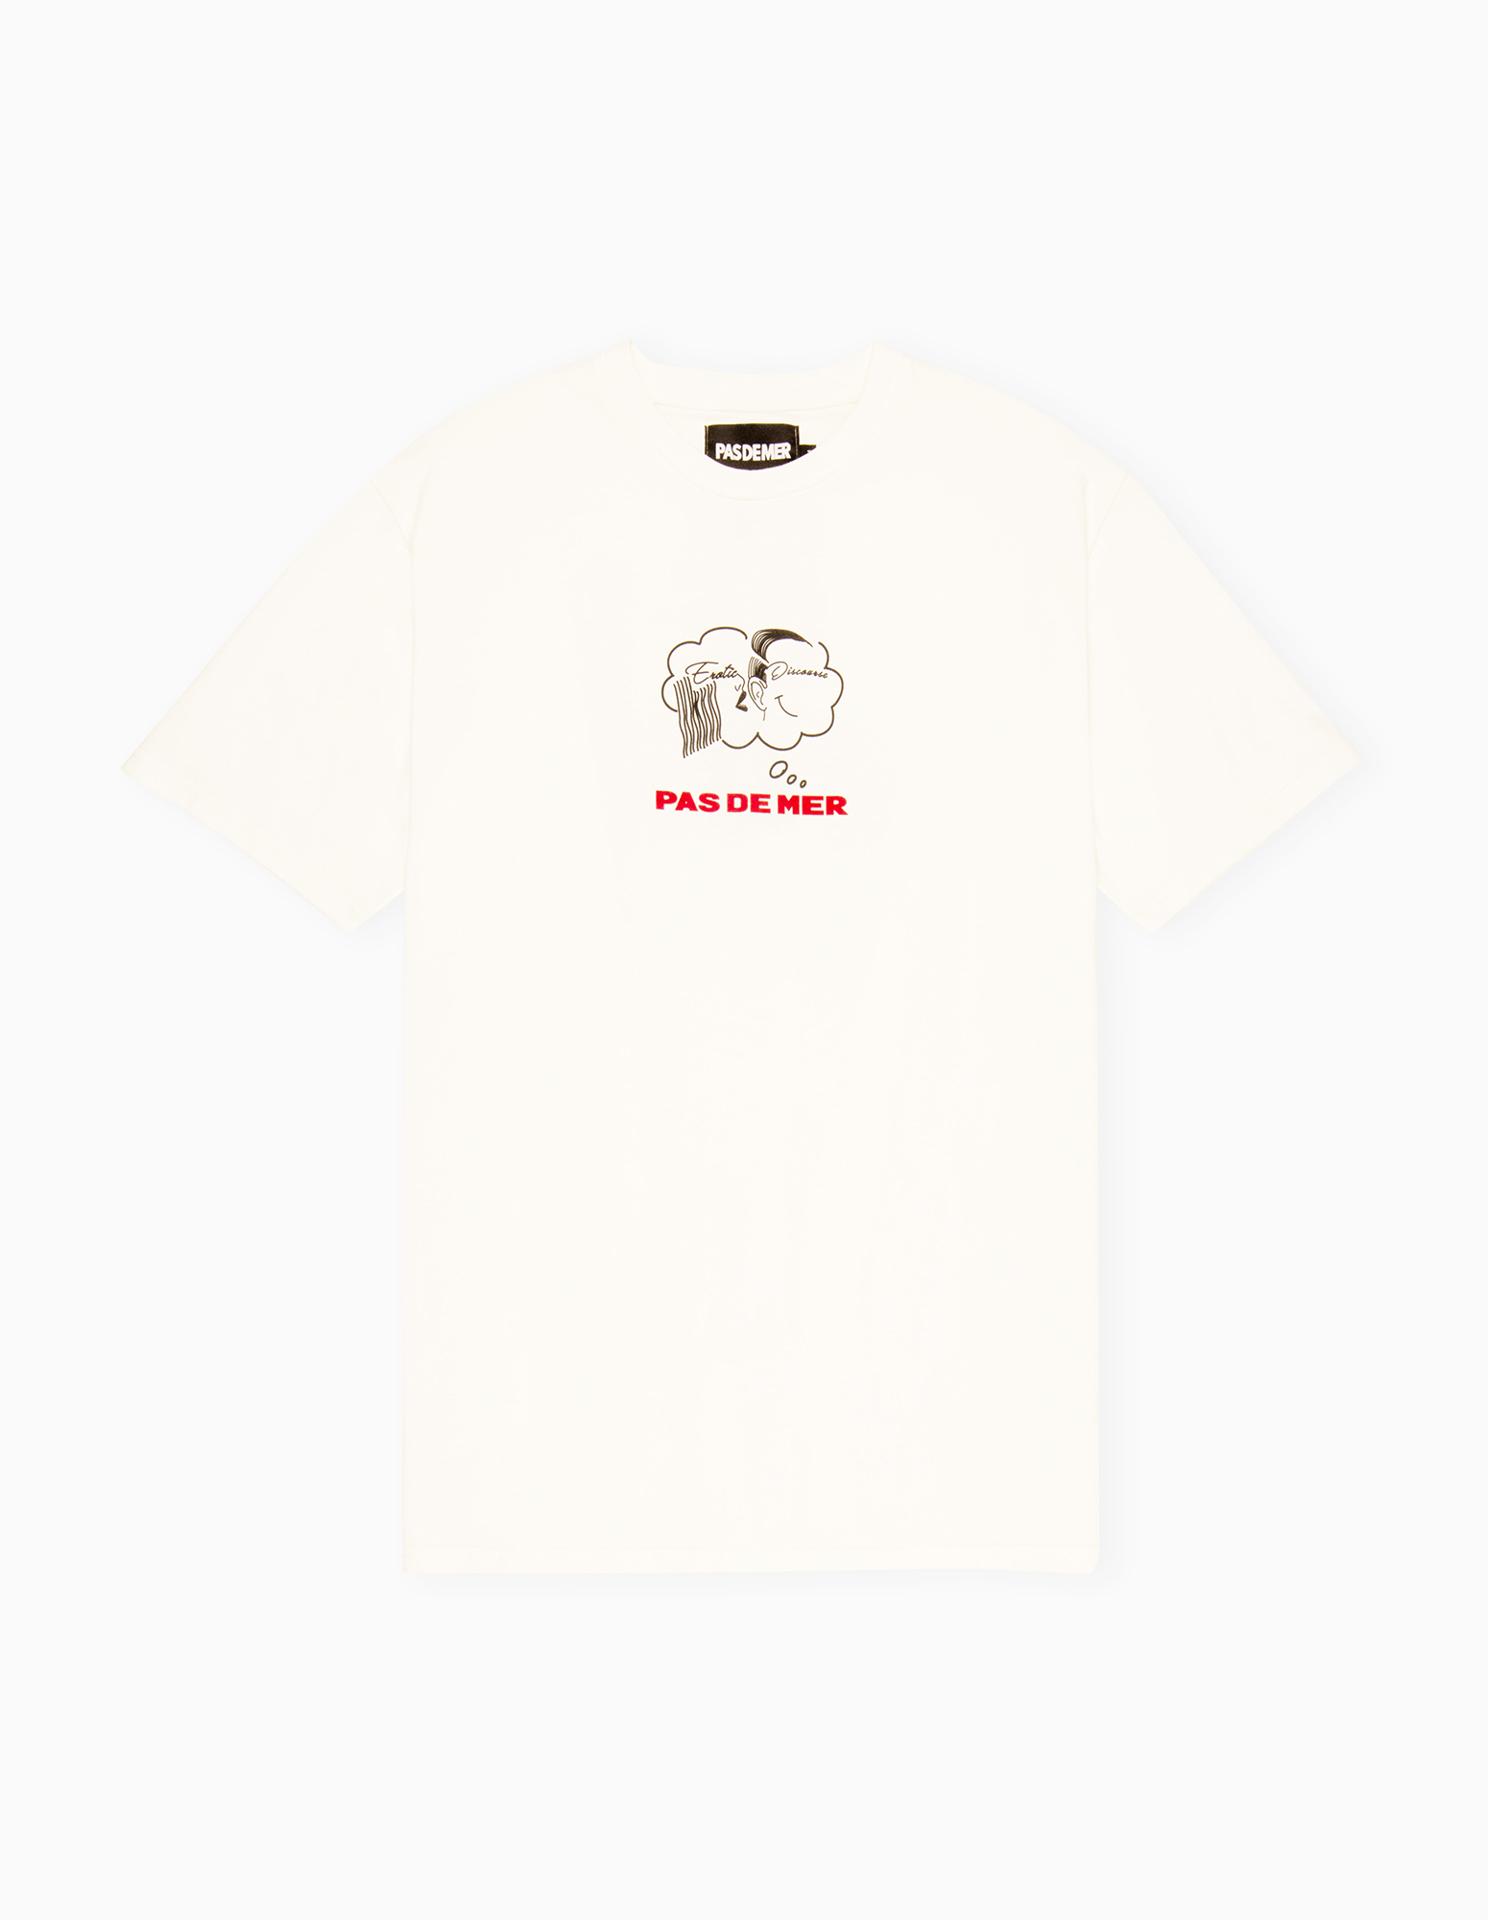 【PAS DE MER/パドゥメ】EROTIC DISCOURSE T-SHIRT Tシャツ / NATURAL